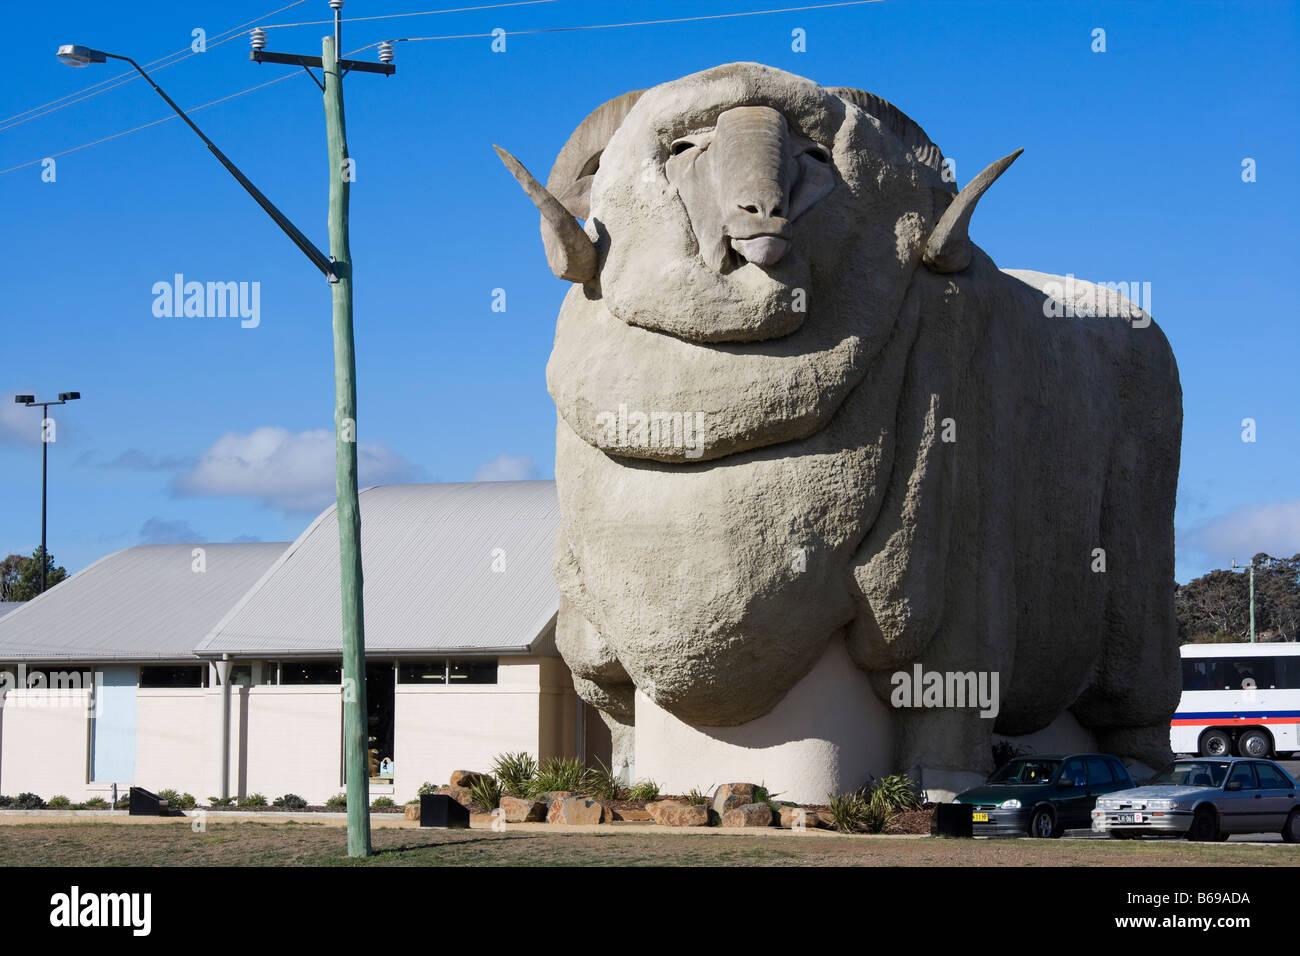 The Big Merino in Goulburn Australia. The worlds biggest Merino statue at 15.2 meters, 97t. - Stock Image